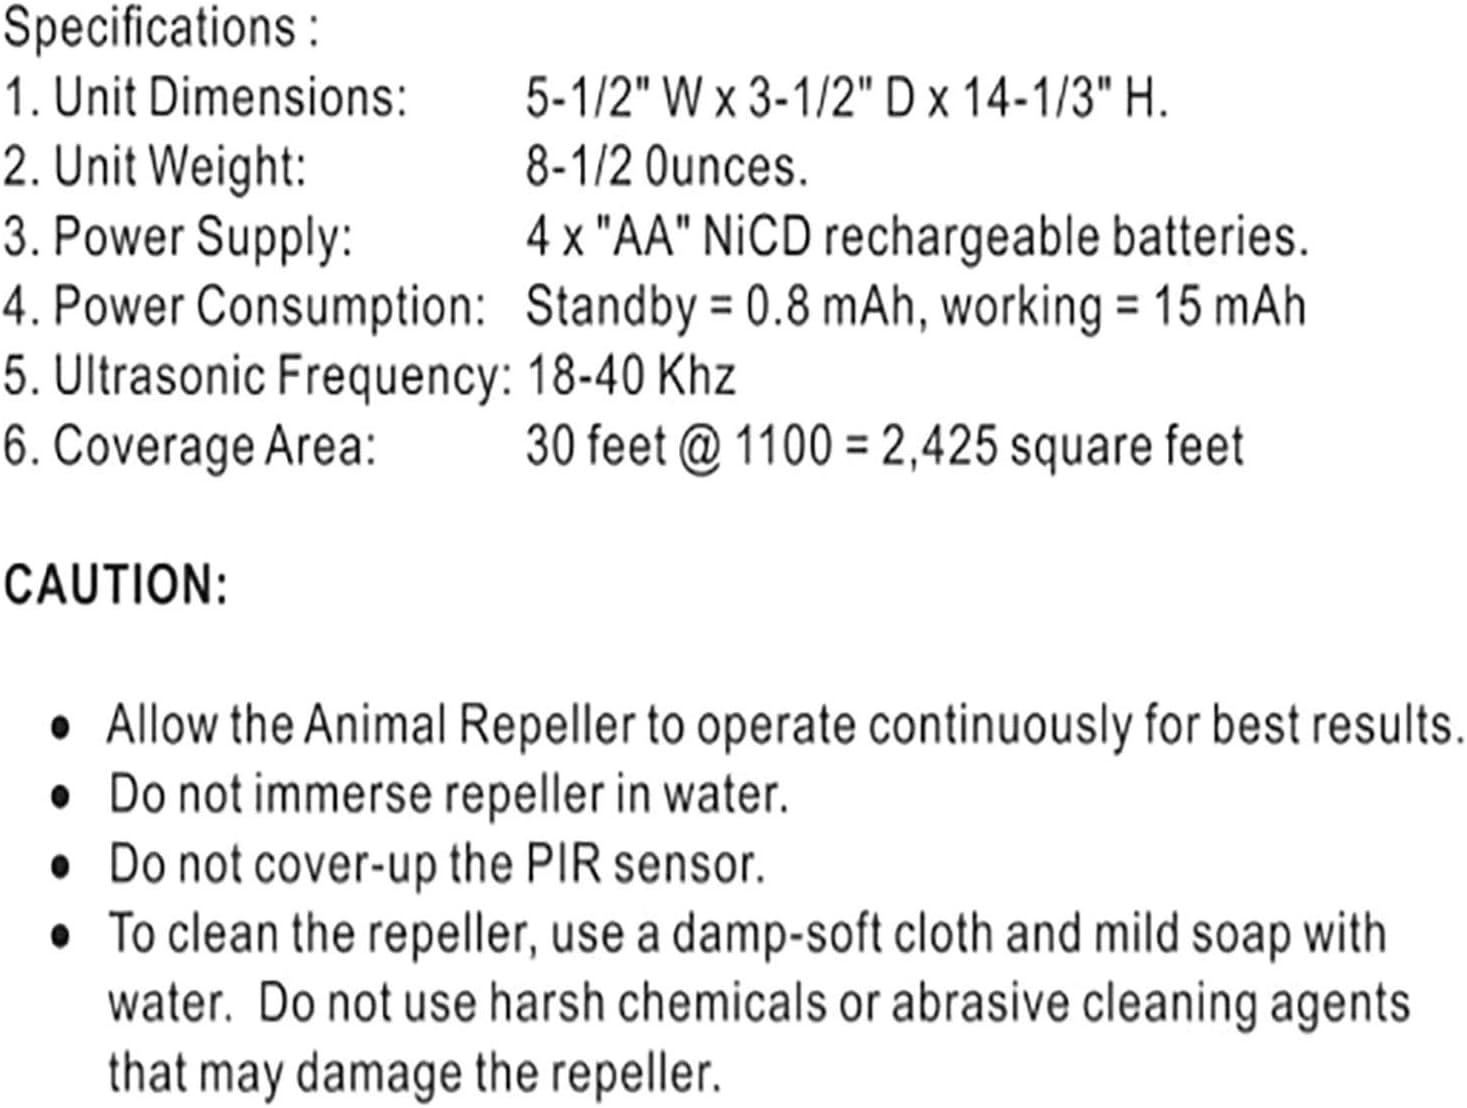 Zeen Animales solares Repelente de 1PC Activado Perro Impermeable del Gato Repelente de disuasi/ón energ/ía Solar Reflector ultras/ónico